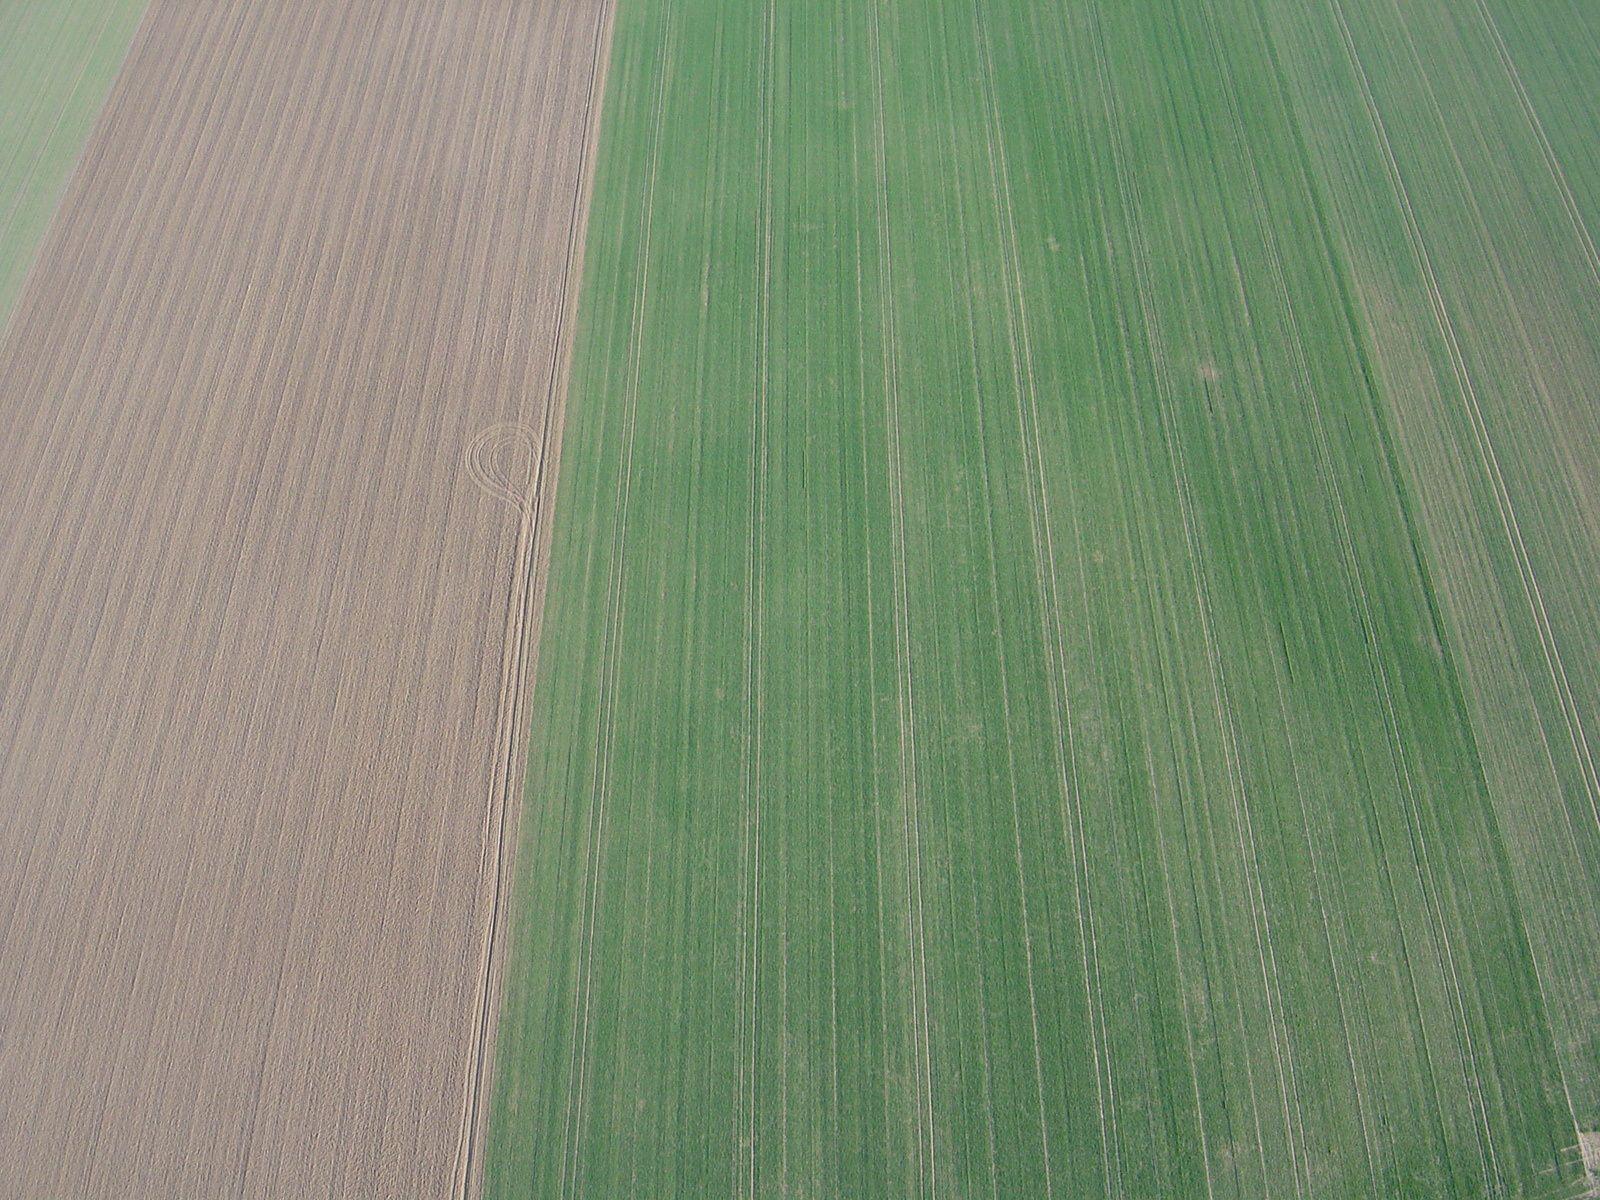 Rien à voir de particulier, mais j'aime bien la symétrie des champs ! :-)